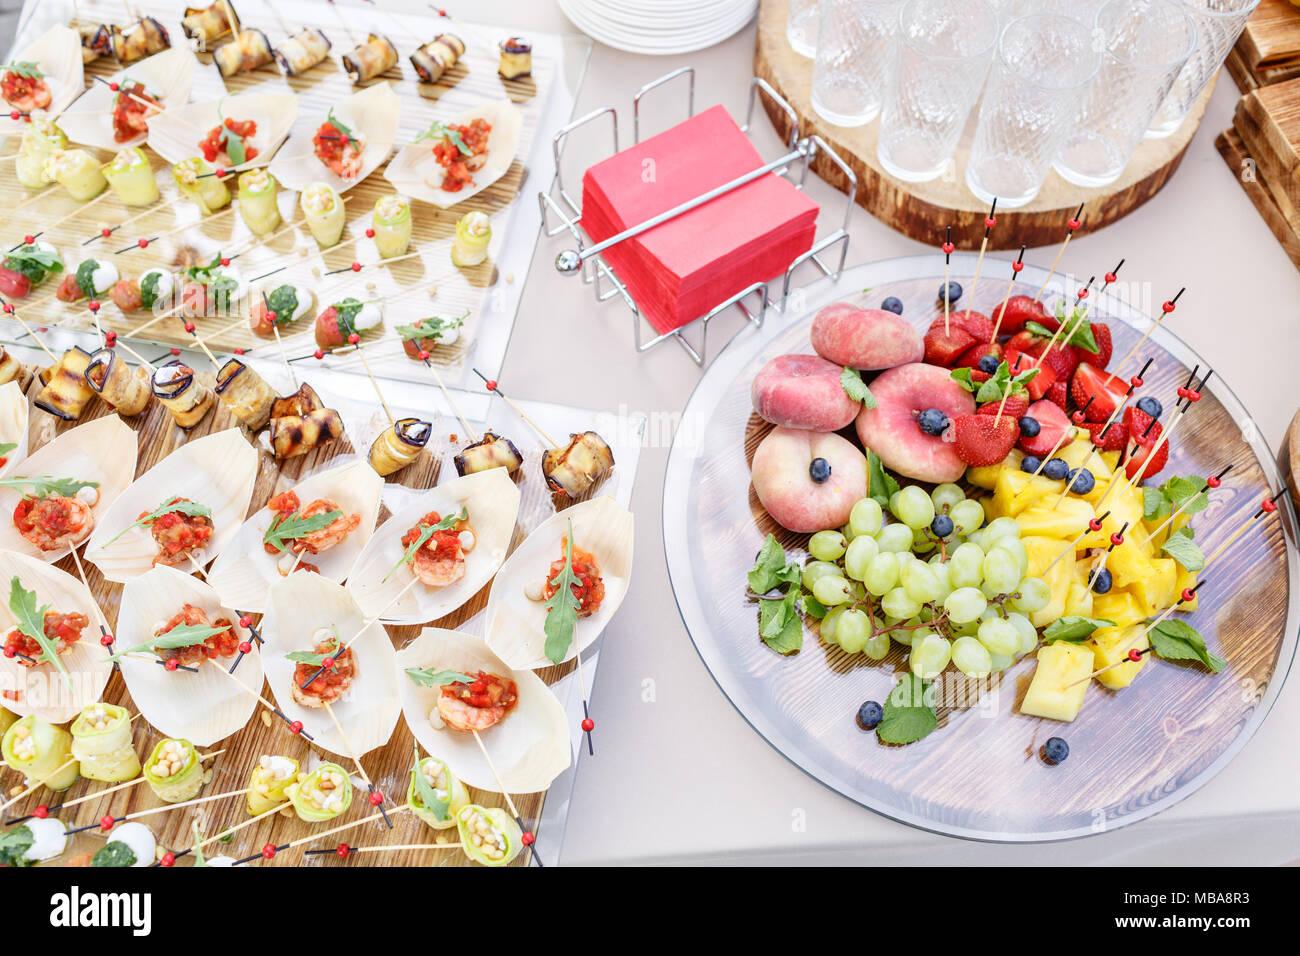 plaque en bois avec des tranches de fruits et de baies sur une table